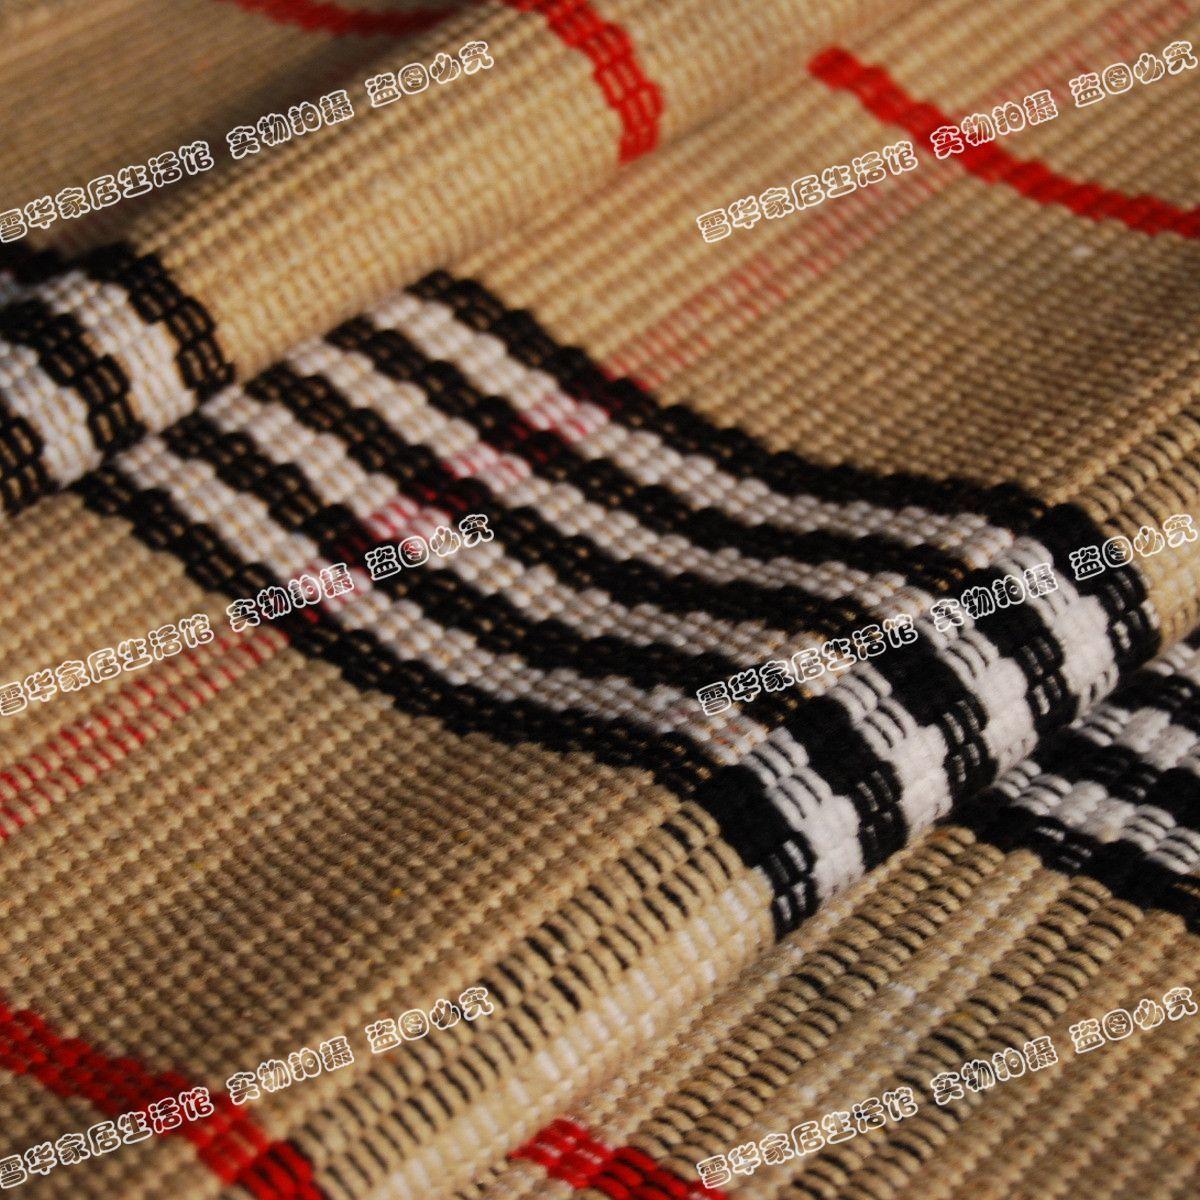 Покрывало для дивана Континентальный пастырское | Хлопковое одеяло ручной вязки диван фиксированной ширины могут быть настроены на руку ткань диван подушки